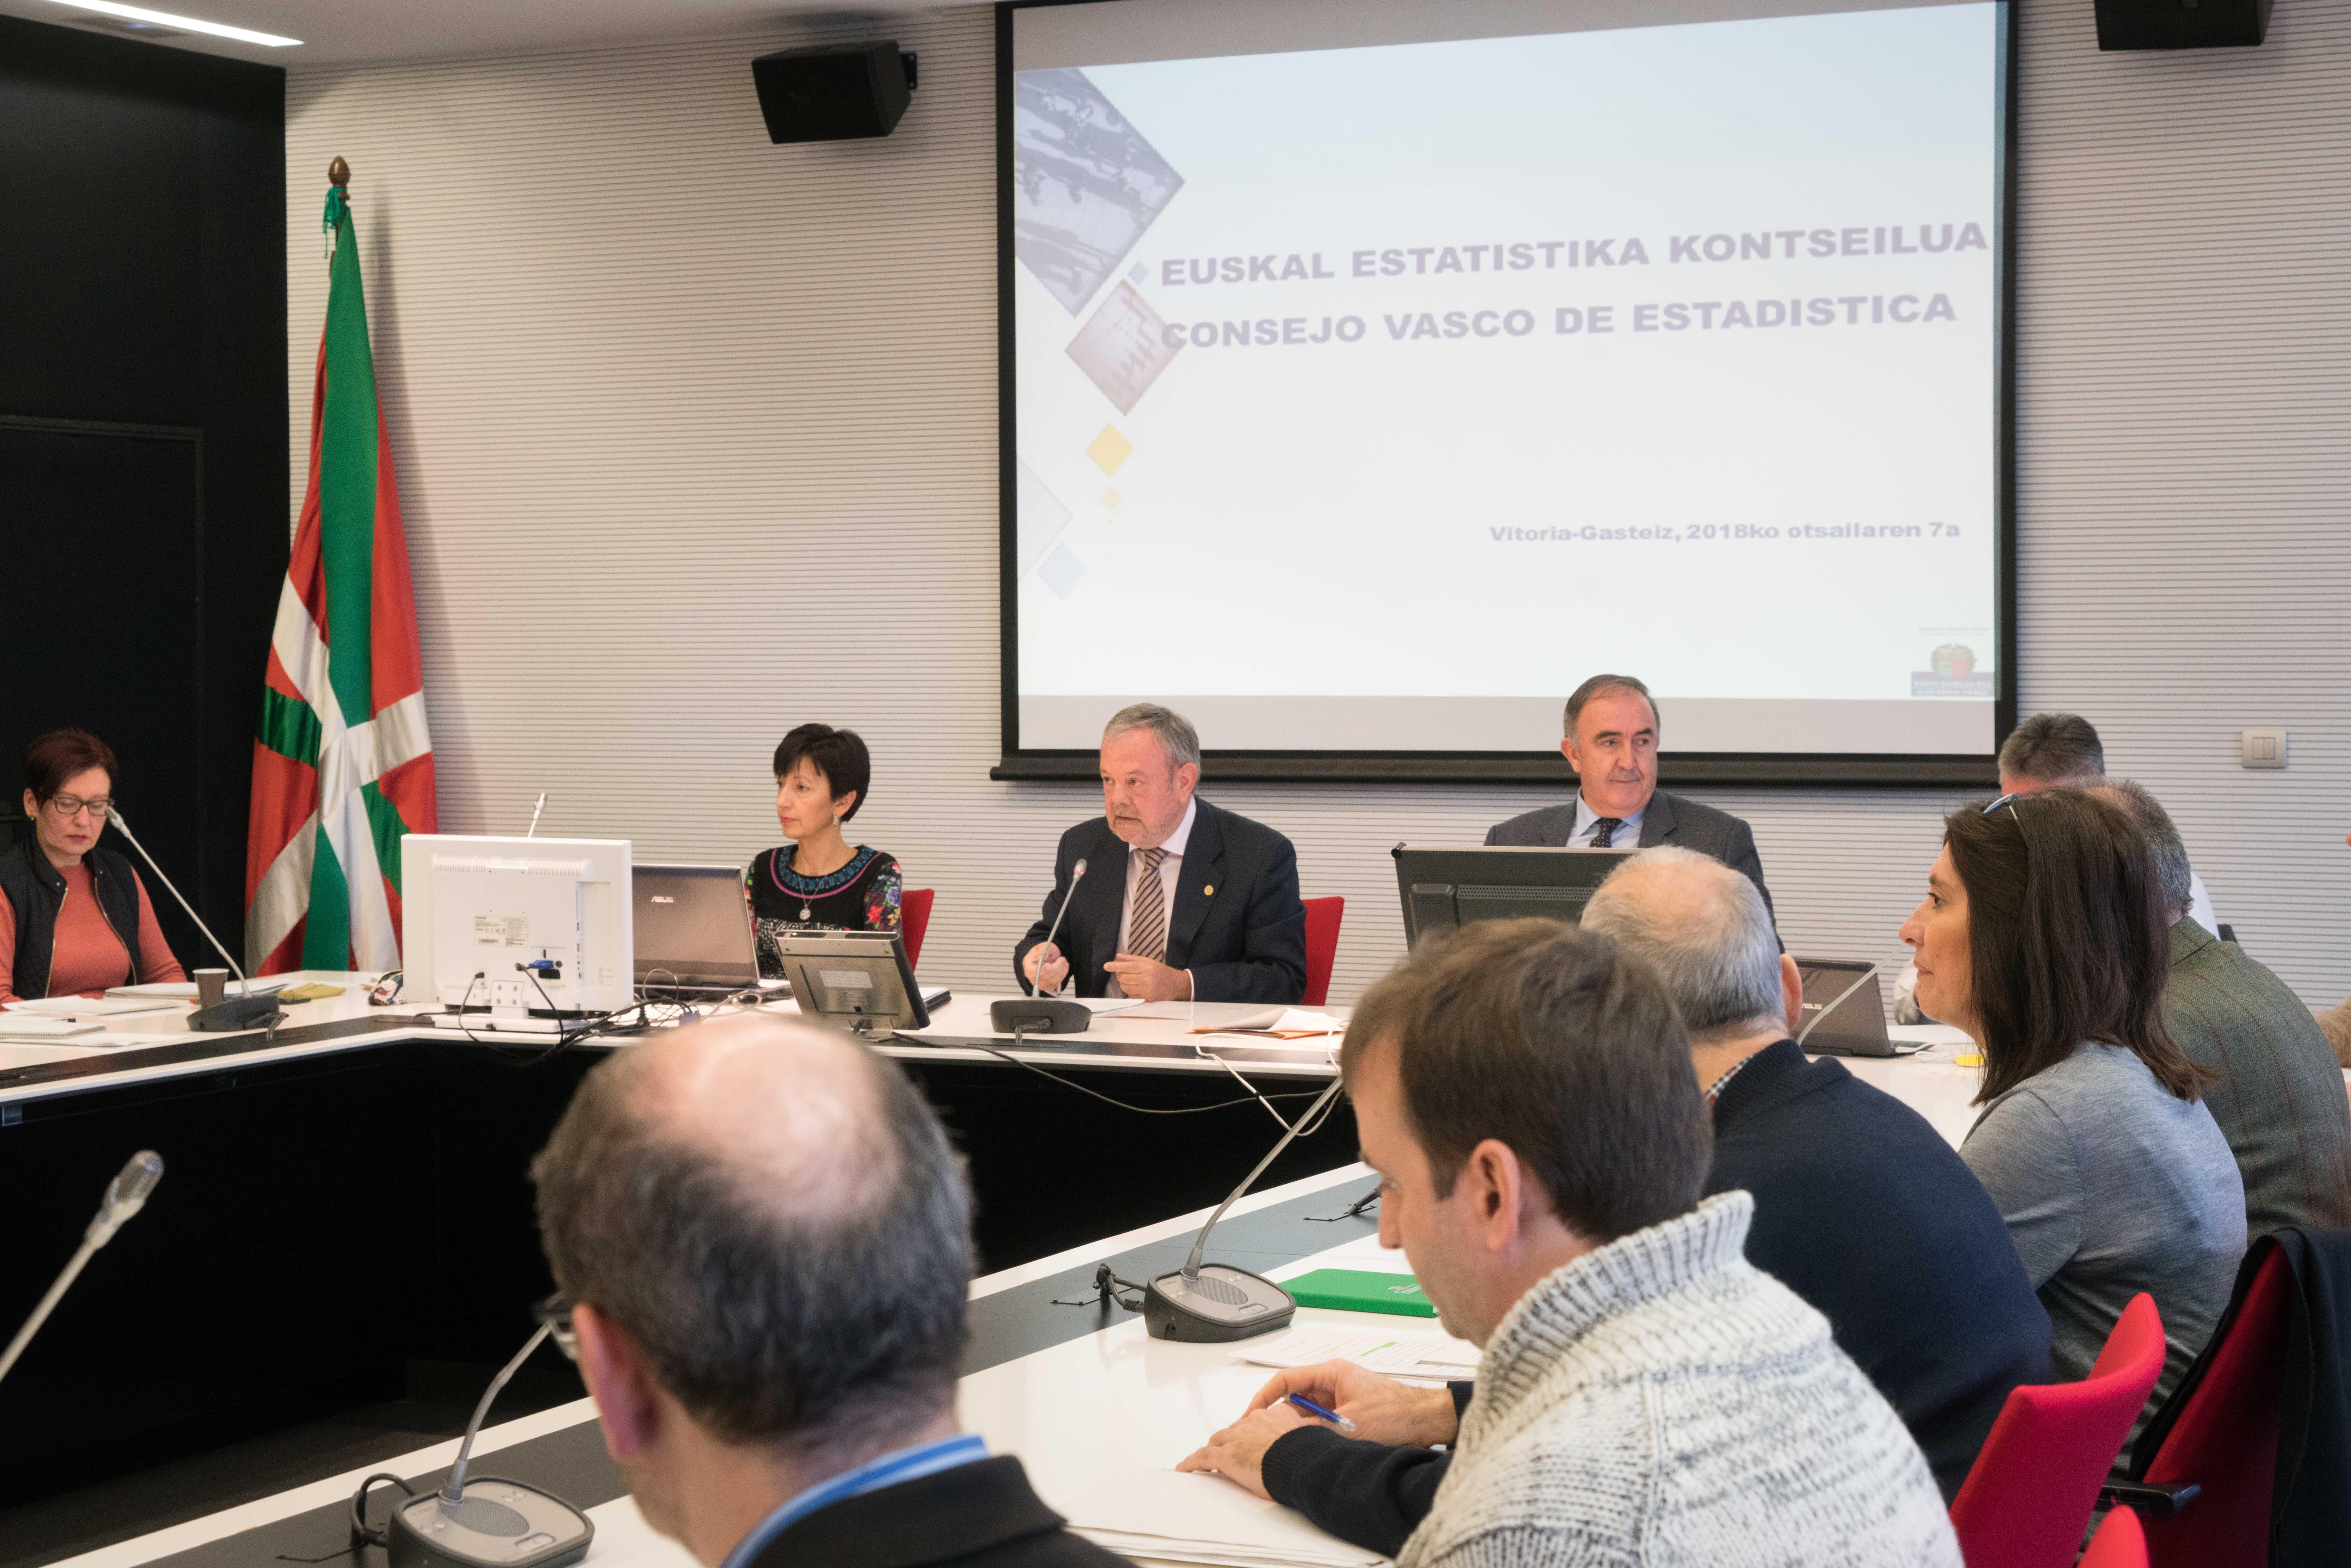 Euskal Estatistika Kontseiluak 2018-2022 Euskal Planaren legearen aurreproiektua onartu du